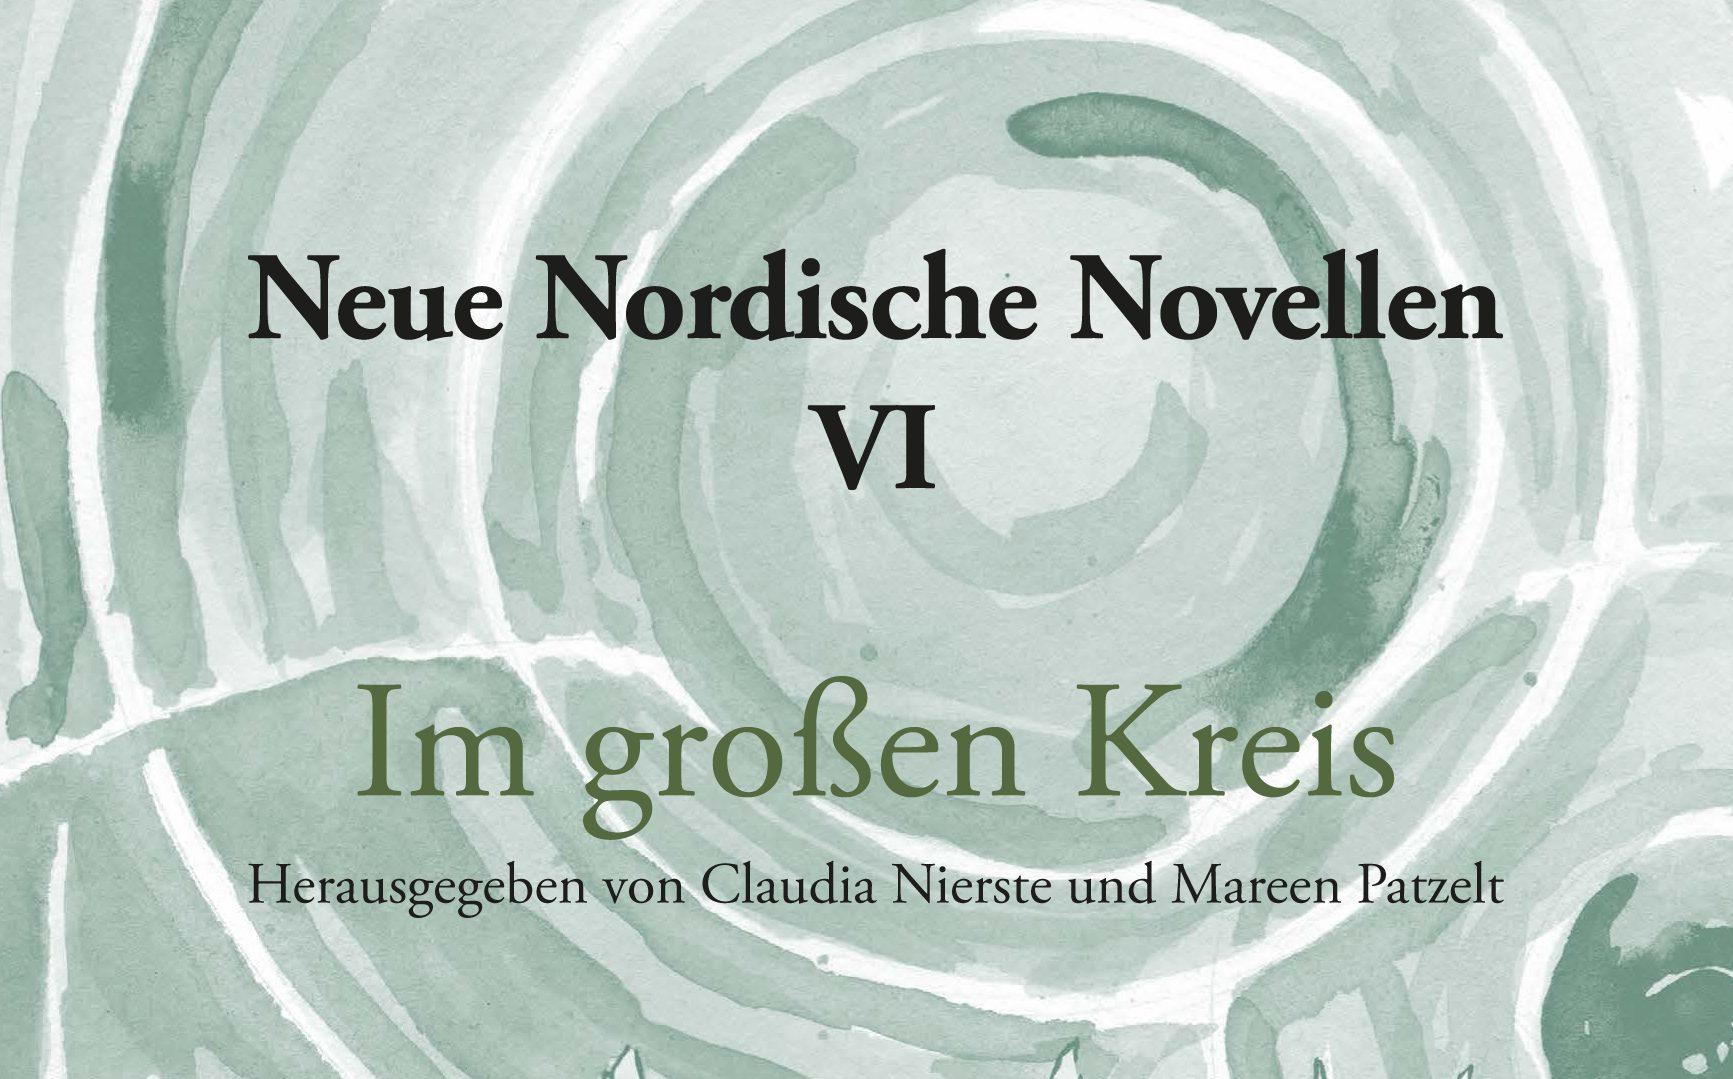 Neue Nordische Novellen VII – Übersetzer*innen gesucht